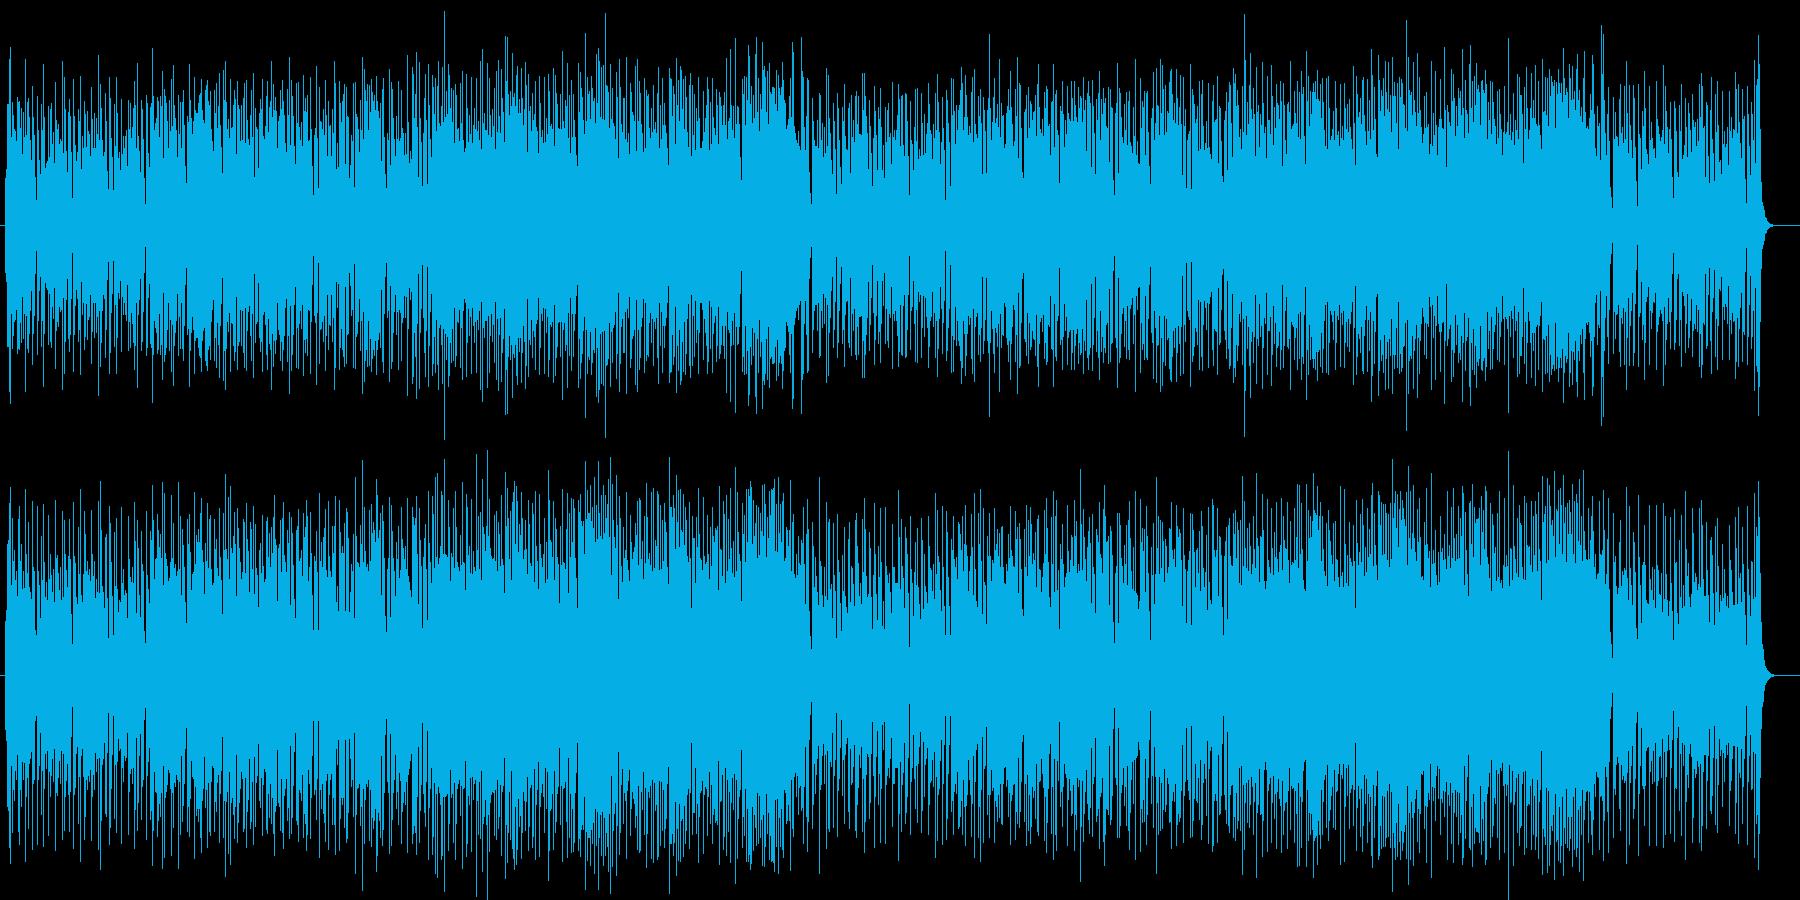 明るく爽やかなシンセサイザー曲の再生済みの波形